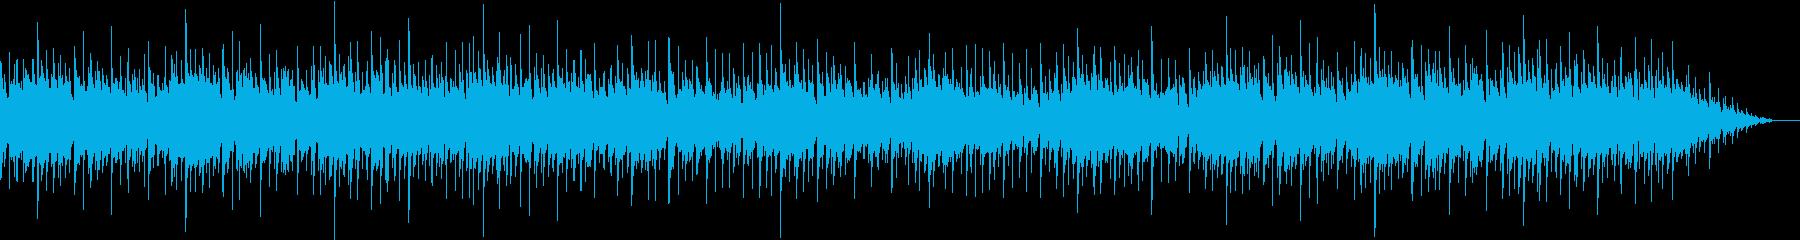 トレーニング・ストレッチ用(90BPM)の再生済みの波形